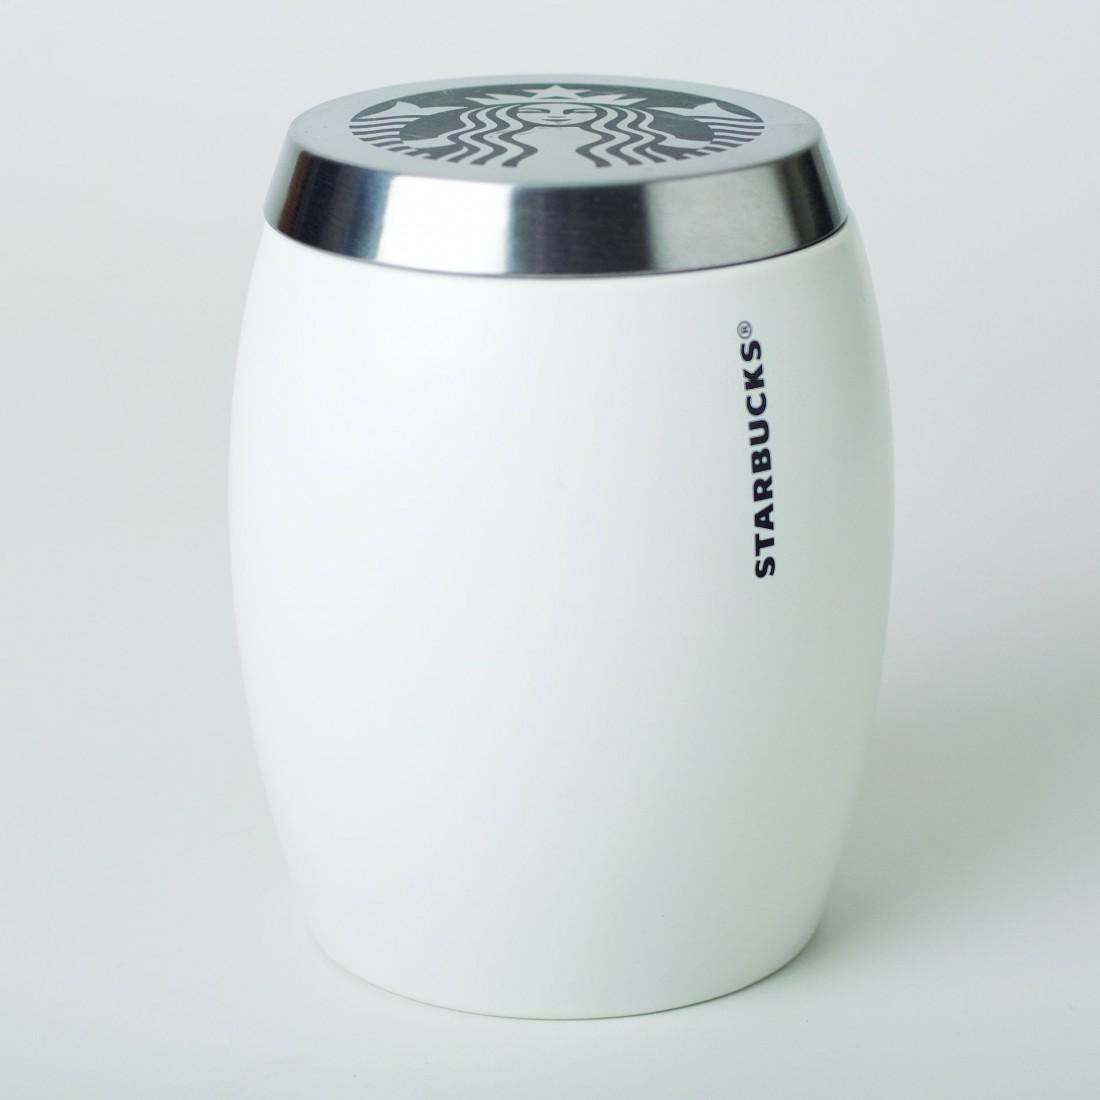 Starbucks White Branded  Δοχείο 250g